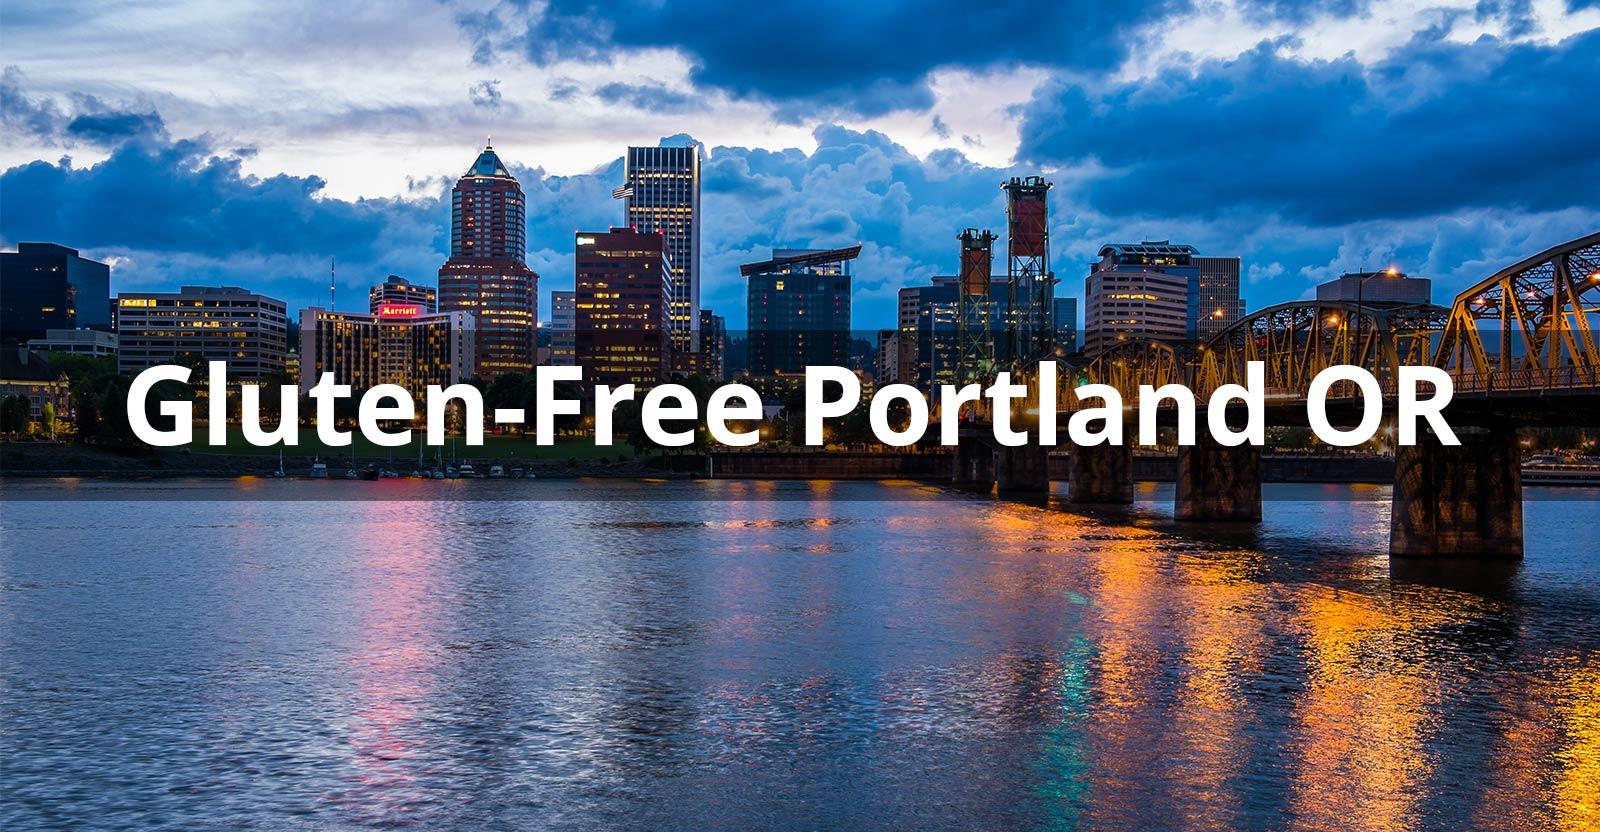 gluten-free portland